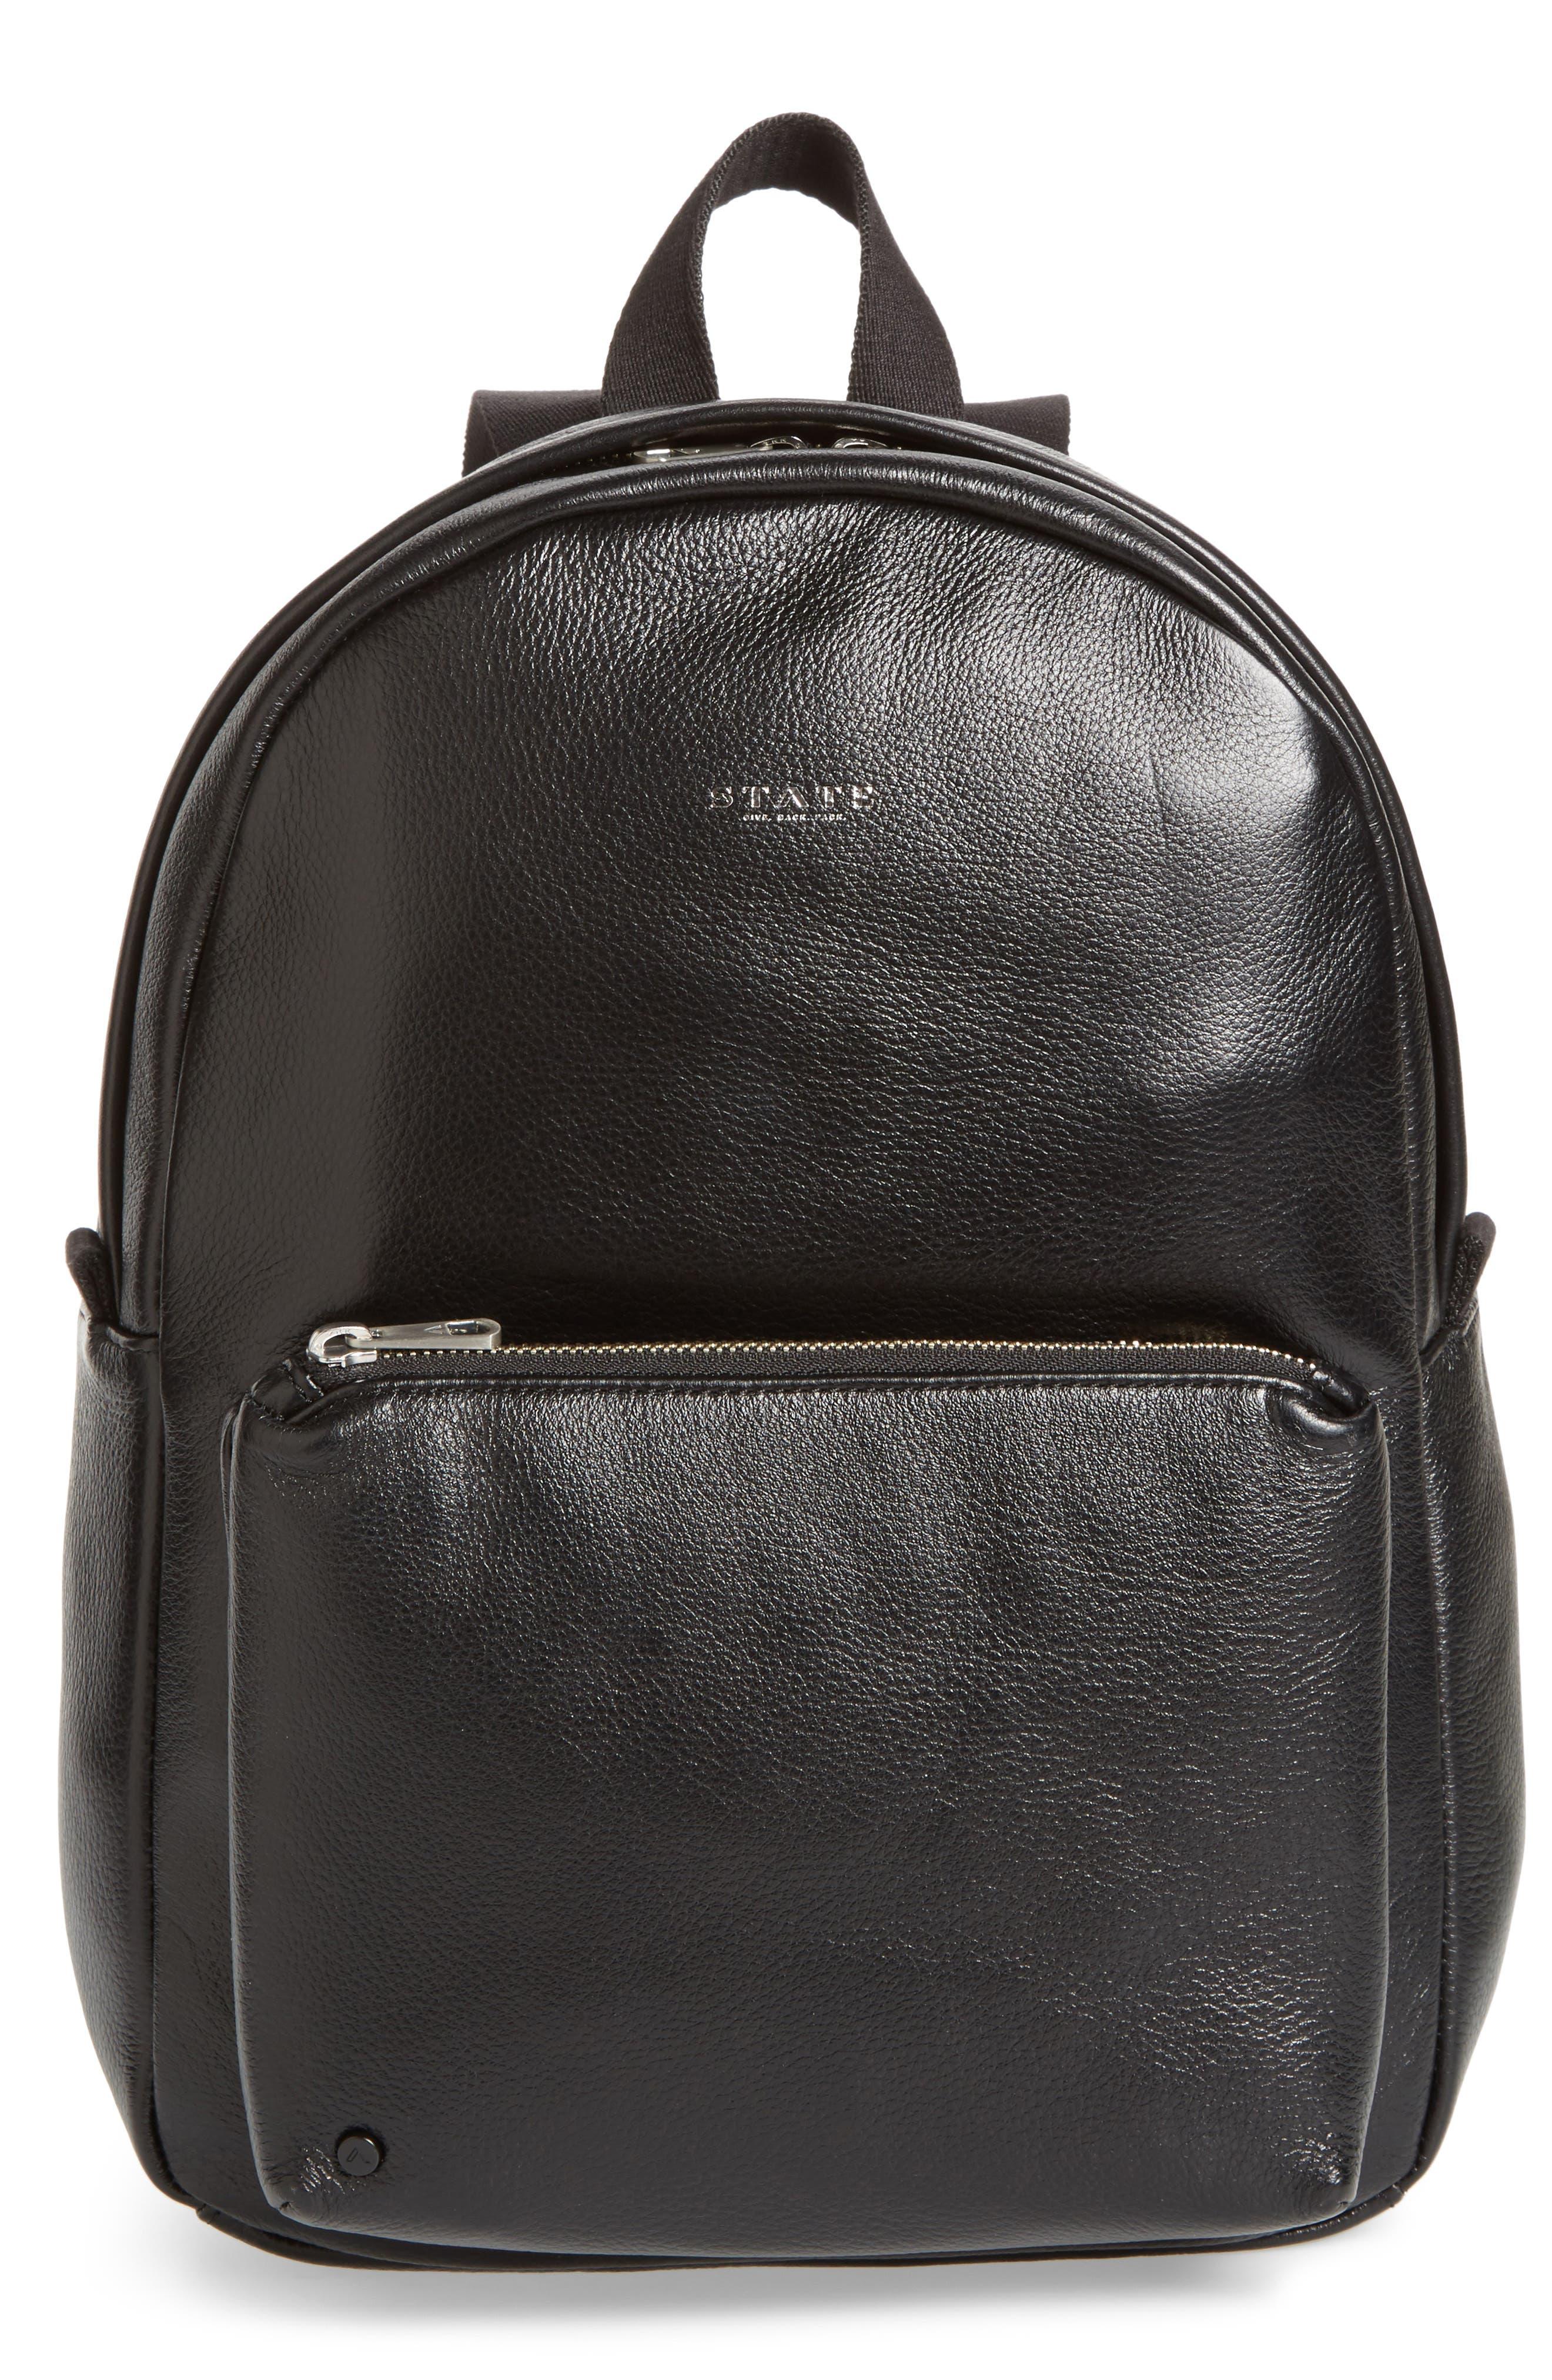 STATE Bags Greenwood Mini Lorimer Leather Backpack